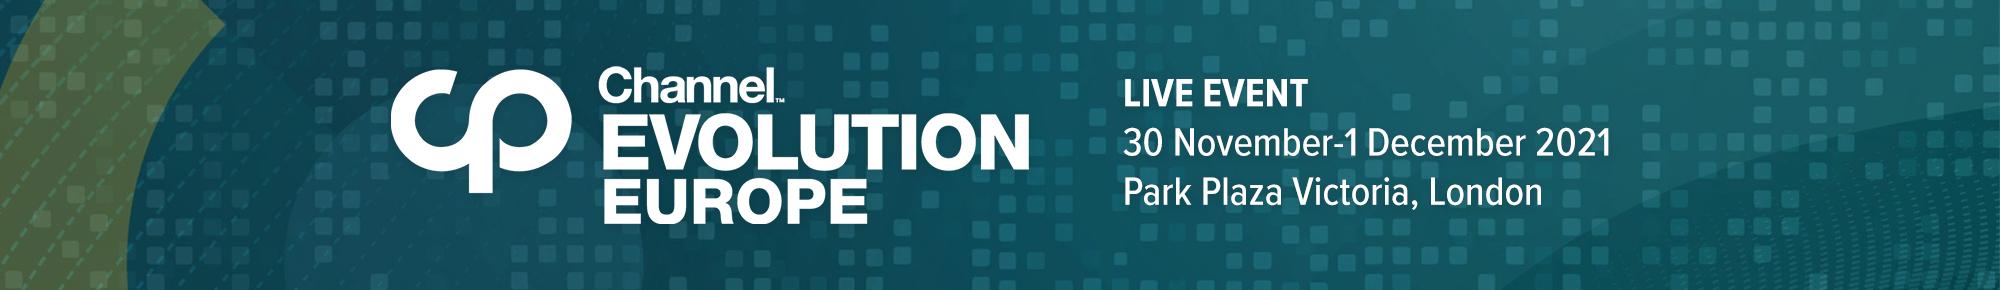 Channel Evolution Europe | Live Event: 30 November-1 December 2021, London